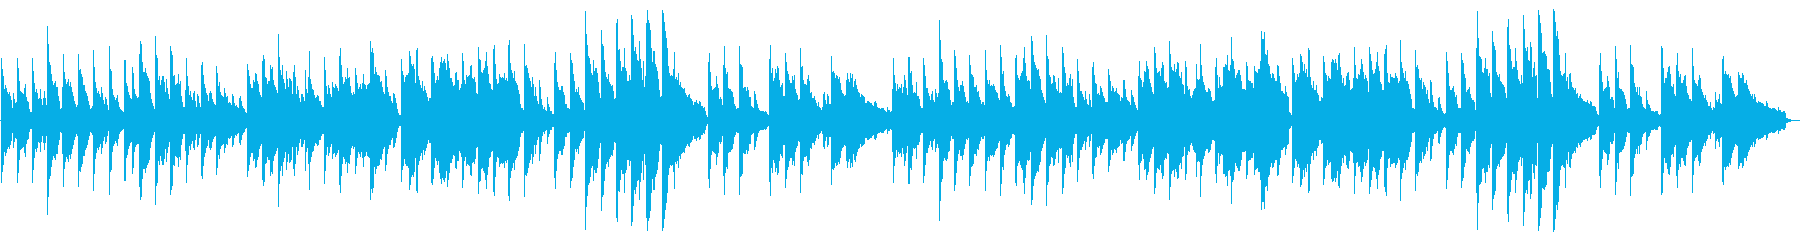 しっとりバラード、ピアノと弦の再生済みの波形